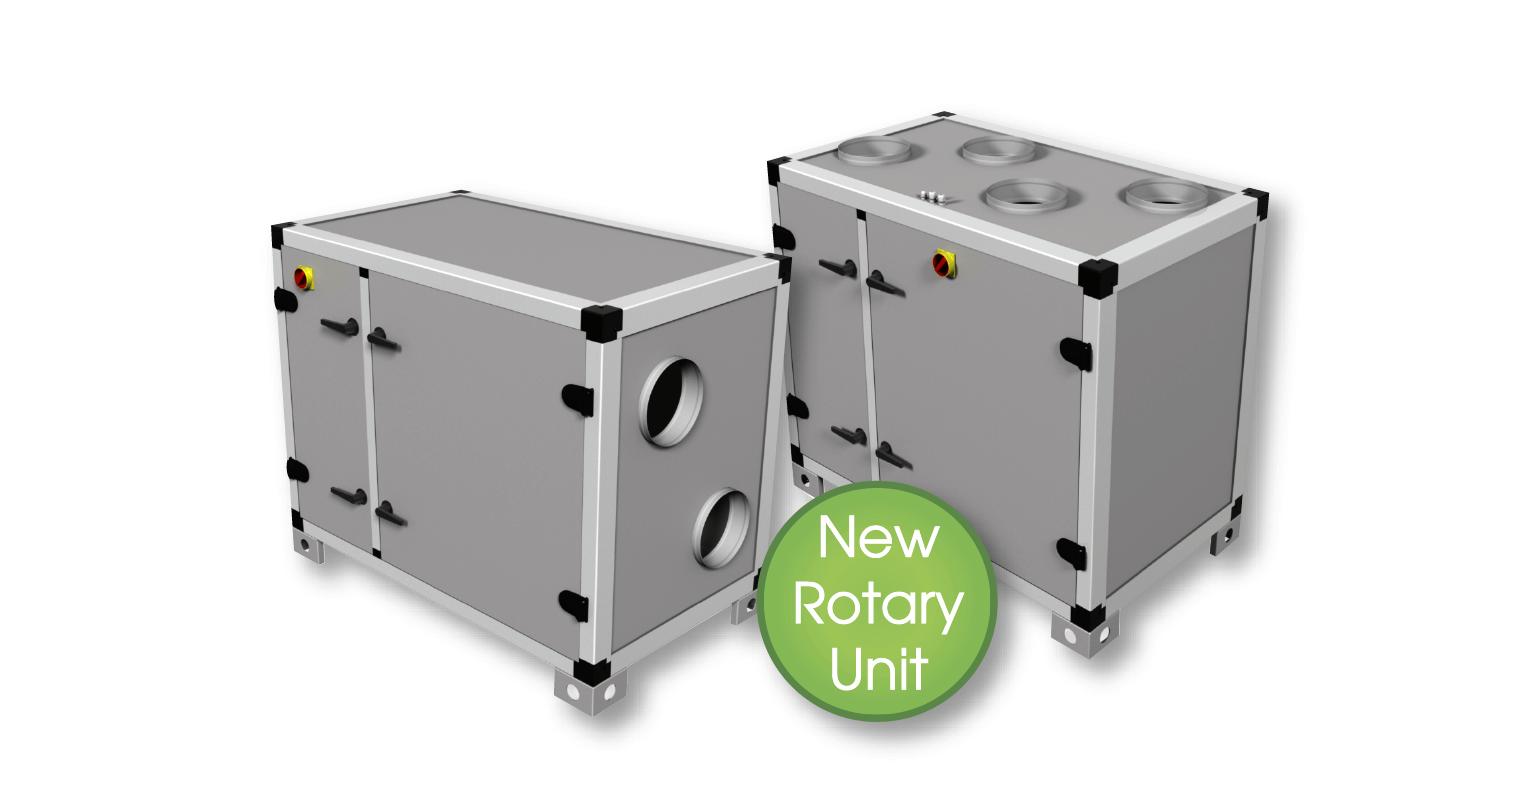 Nuova unità rotativa UVR & UVR-TOP